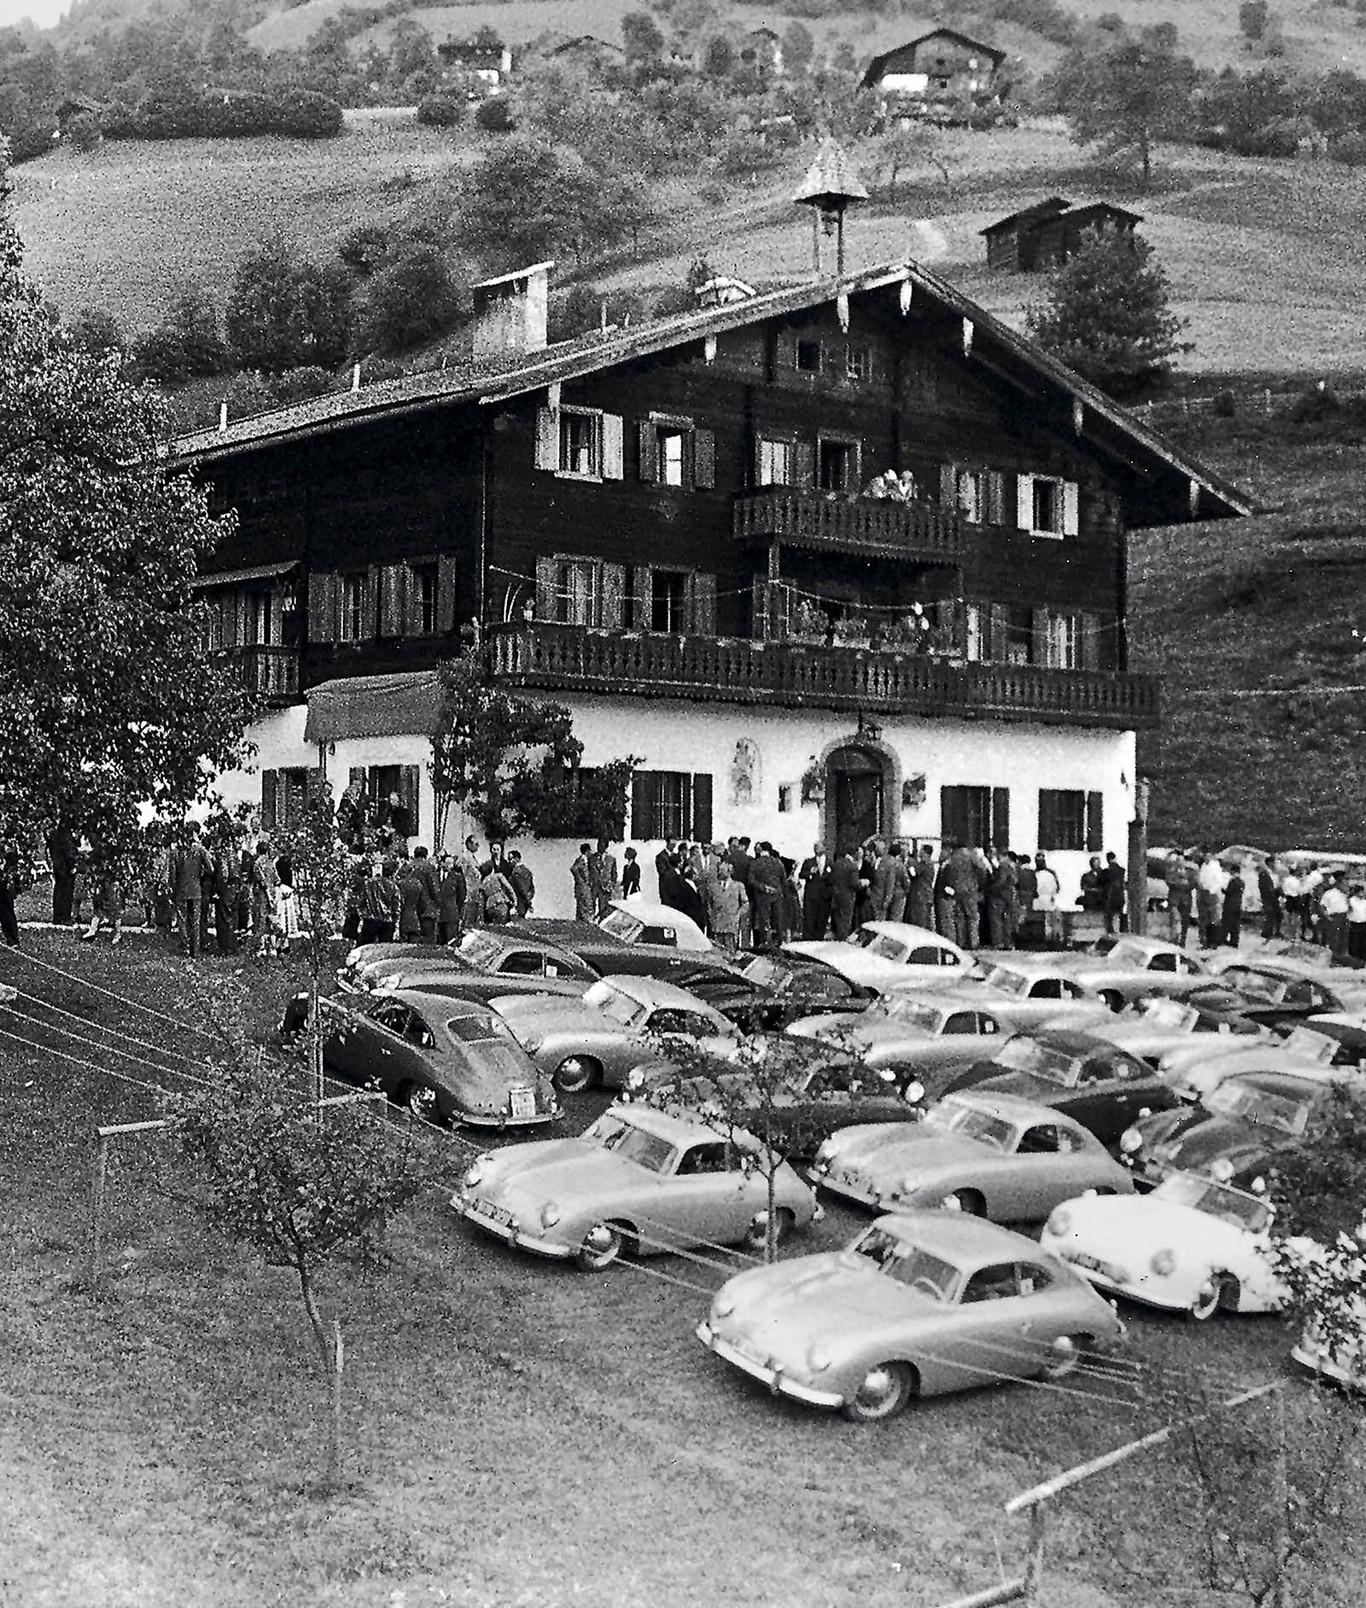 A casa dos Porsche em Zell am See tem mais de 600 anos e foi comprada em 1941. A casa de férias, e mais tarde se tornou um refúgio da Segunda Guerra Mundial